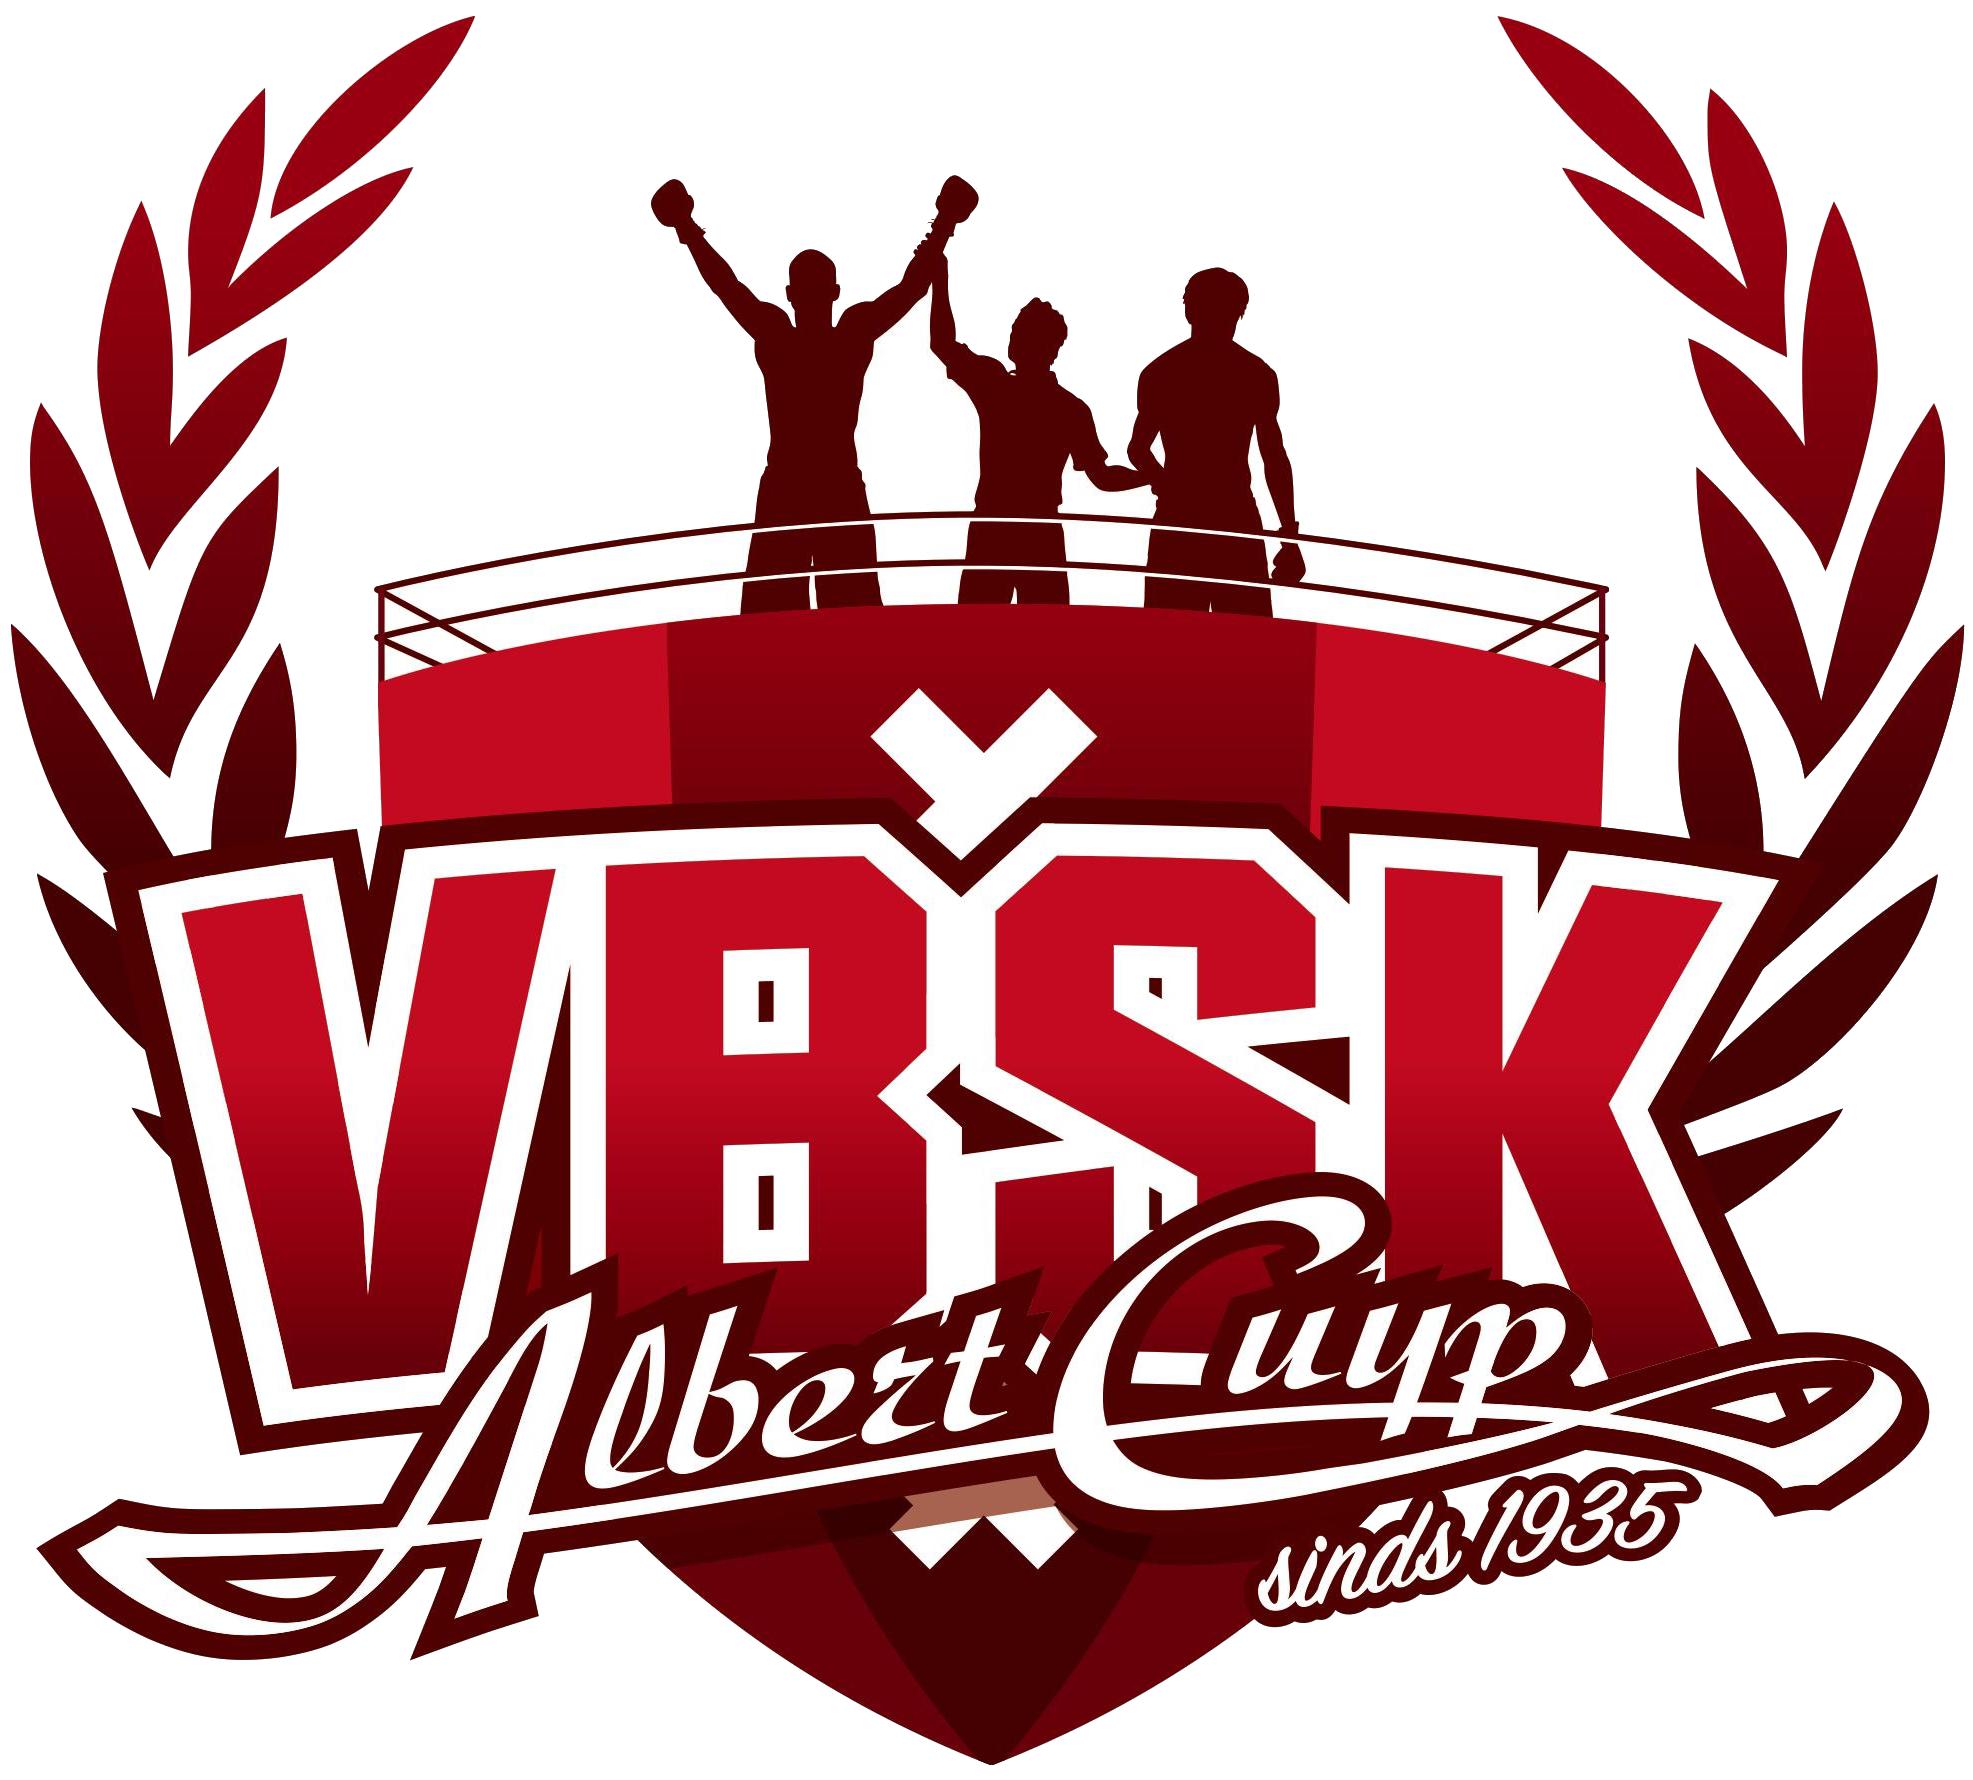 Boksschool VBSK Albert Cuyp Amsterdam